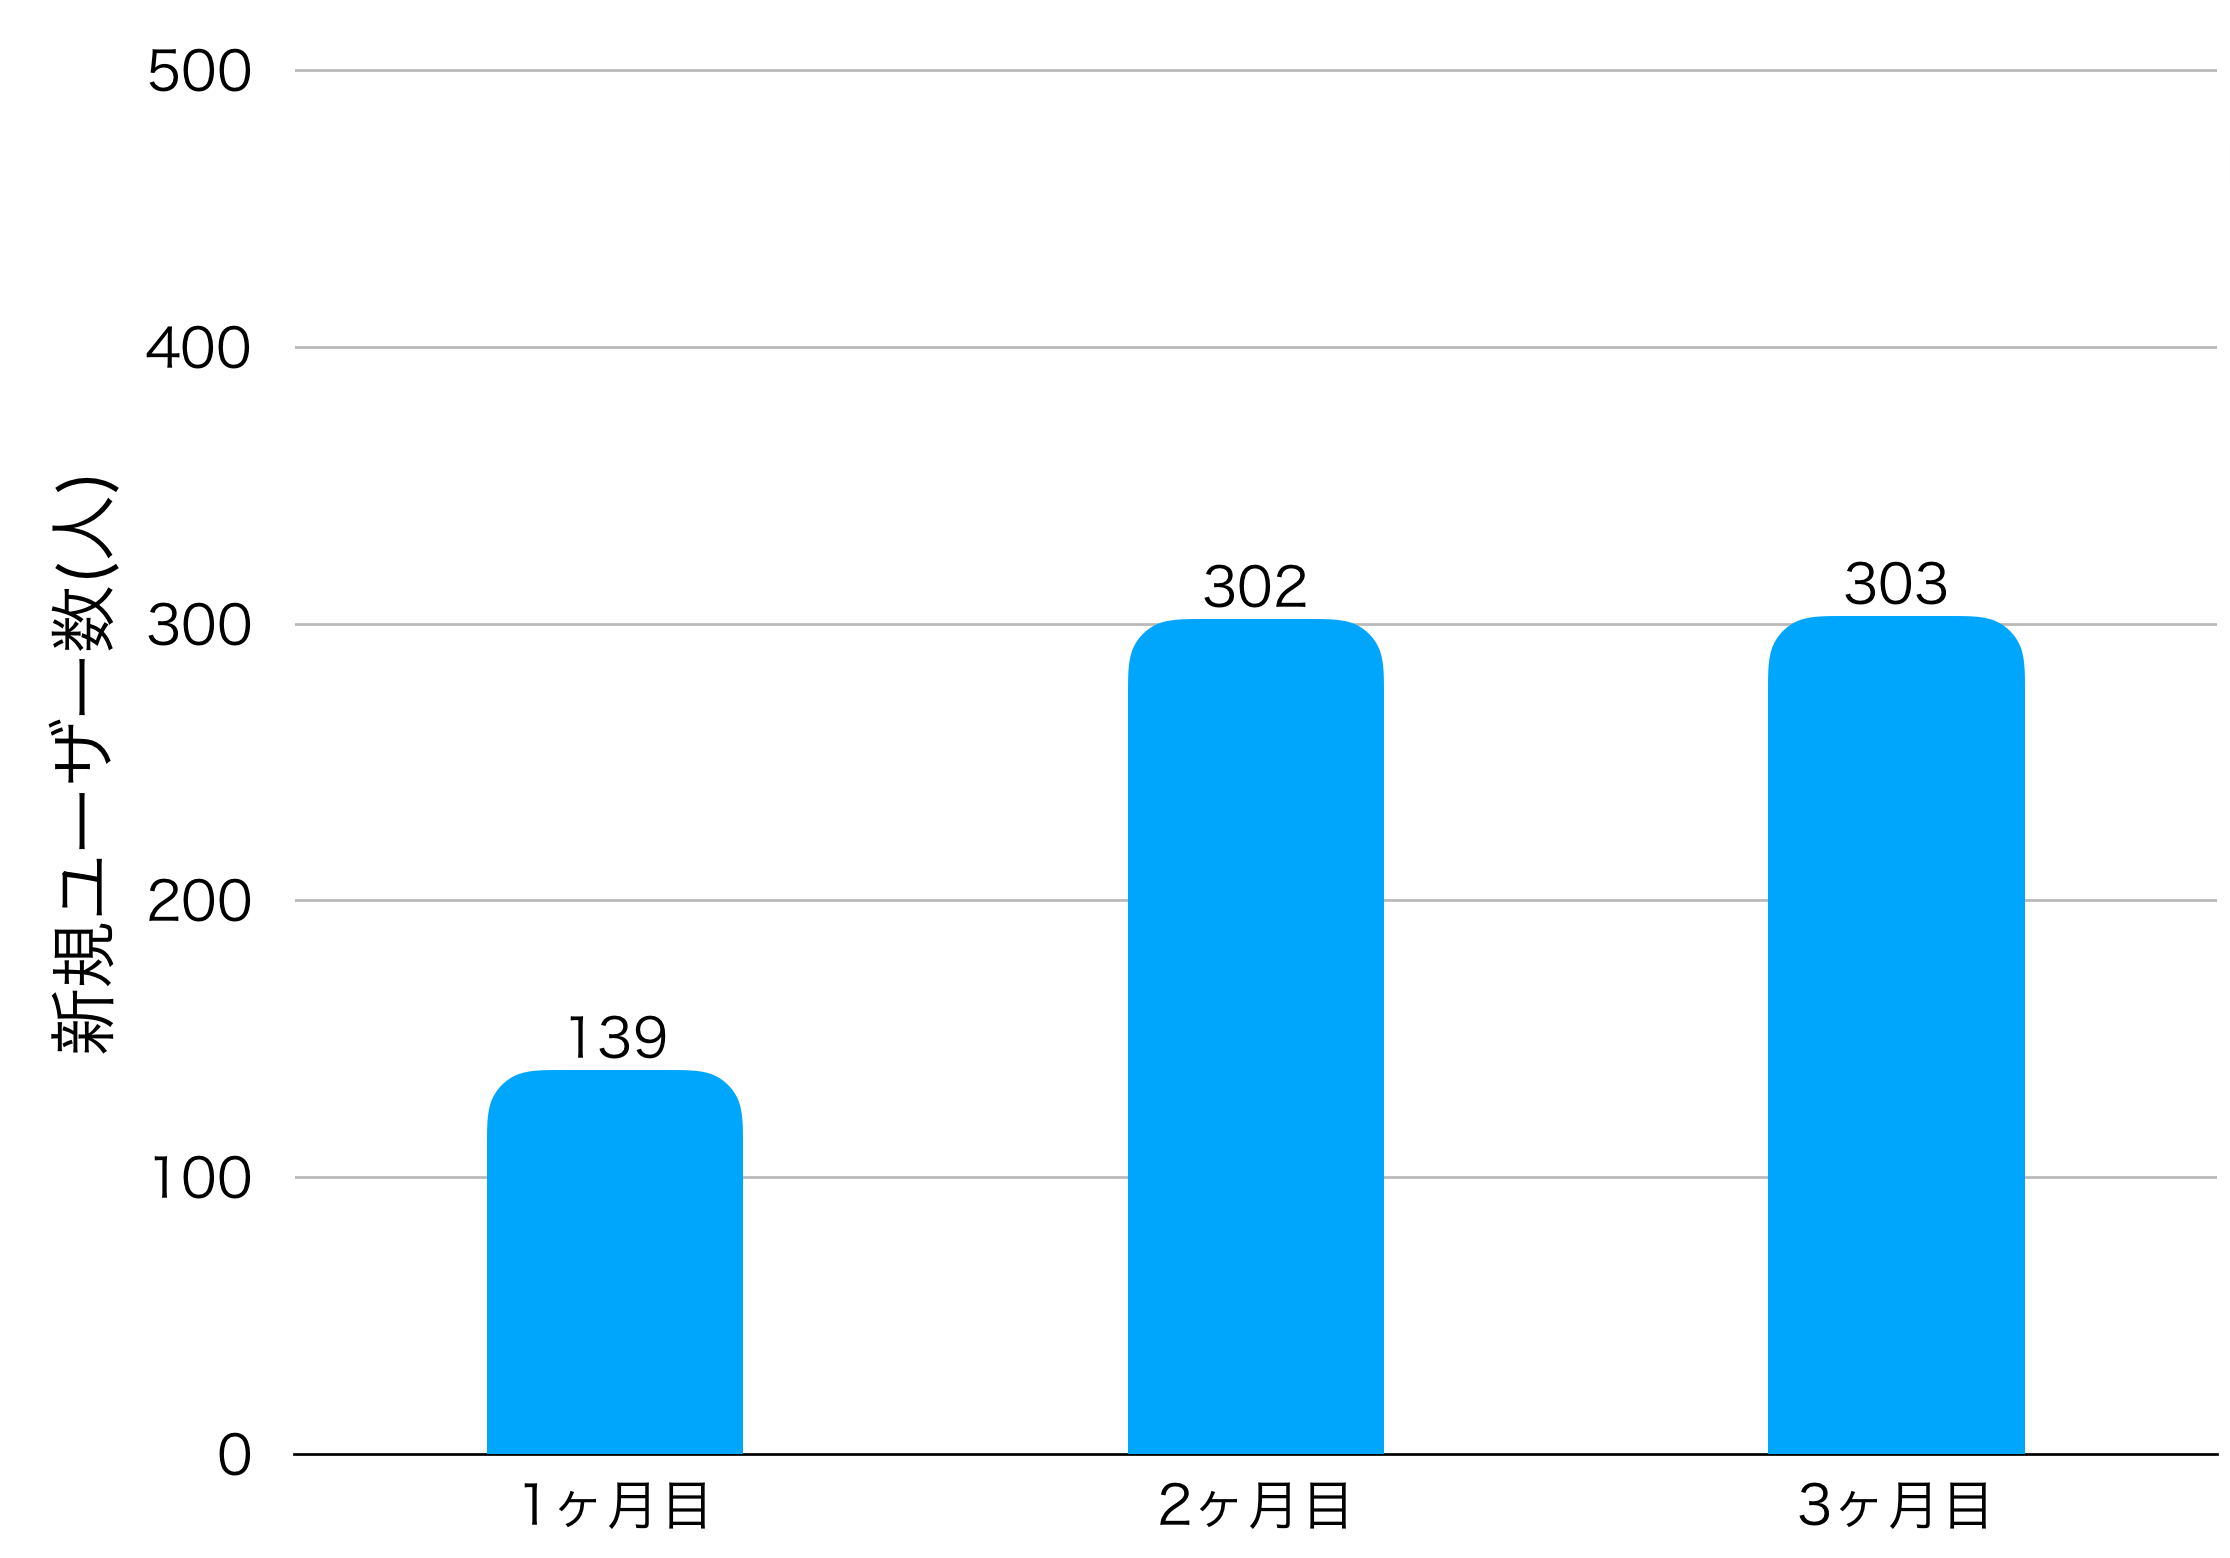 3ヶ月目の新規ユーザー数の画像